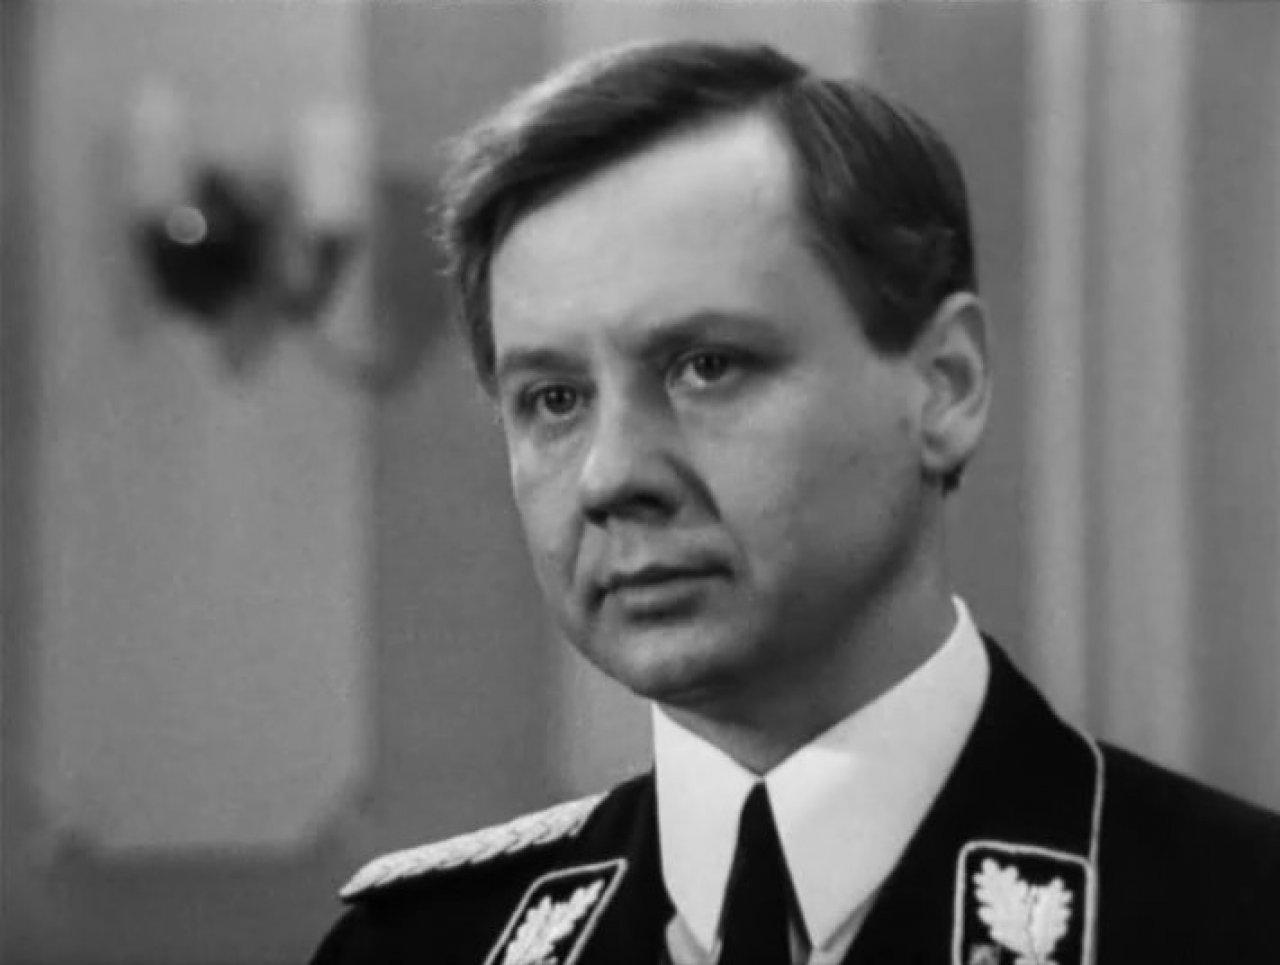 Олег Табаков в роли Вальтера Шелленберга